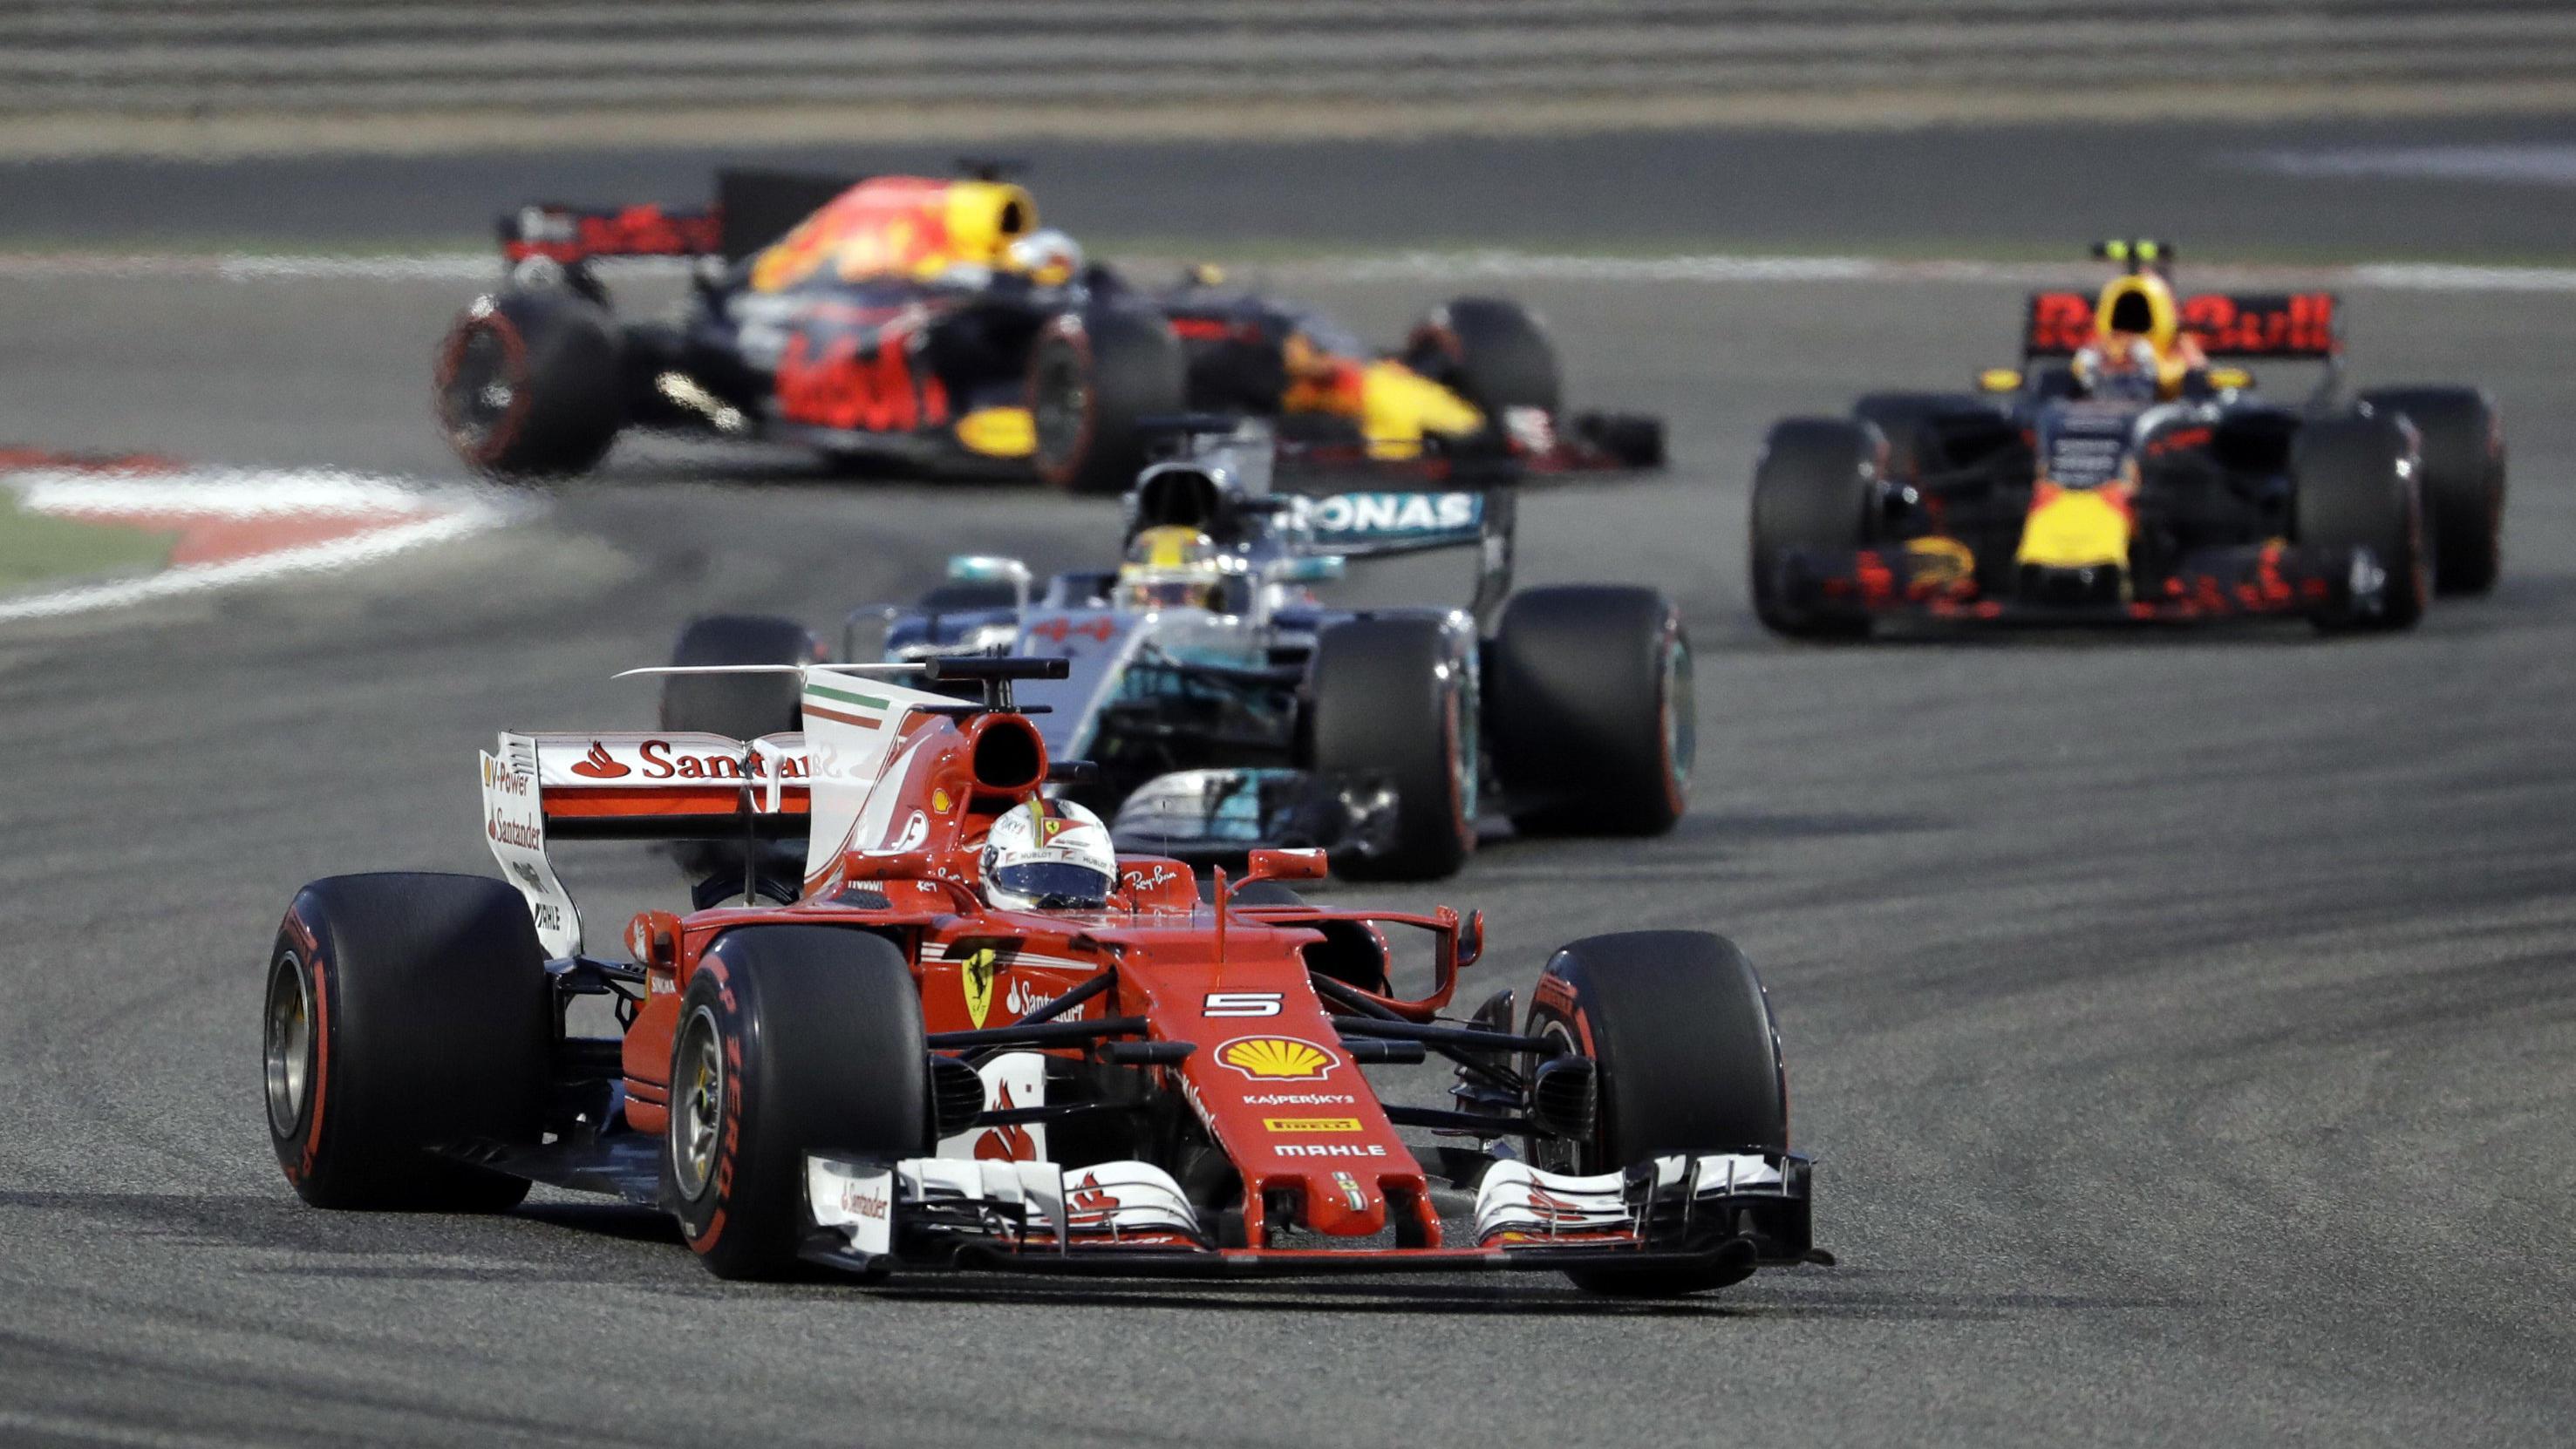 Formel 1 Live Stream Kostenlos Ohne Anmeldung